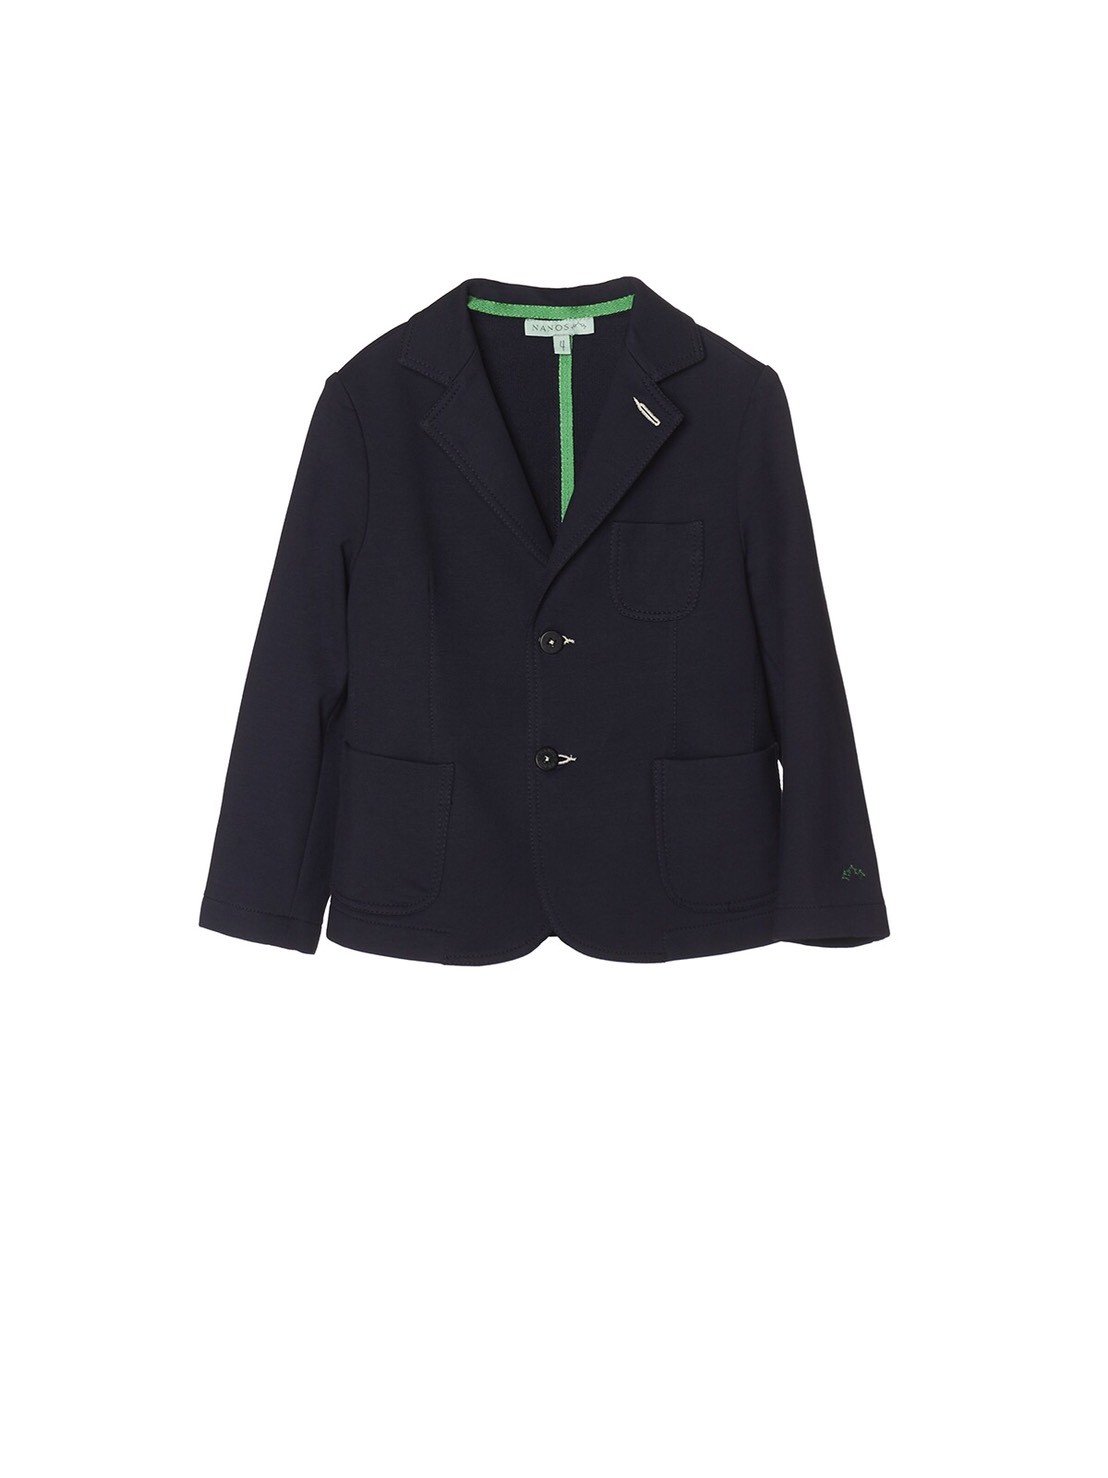 NANOS 深藍色棉質西裝外套